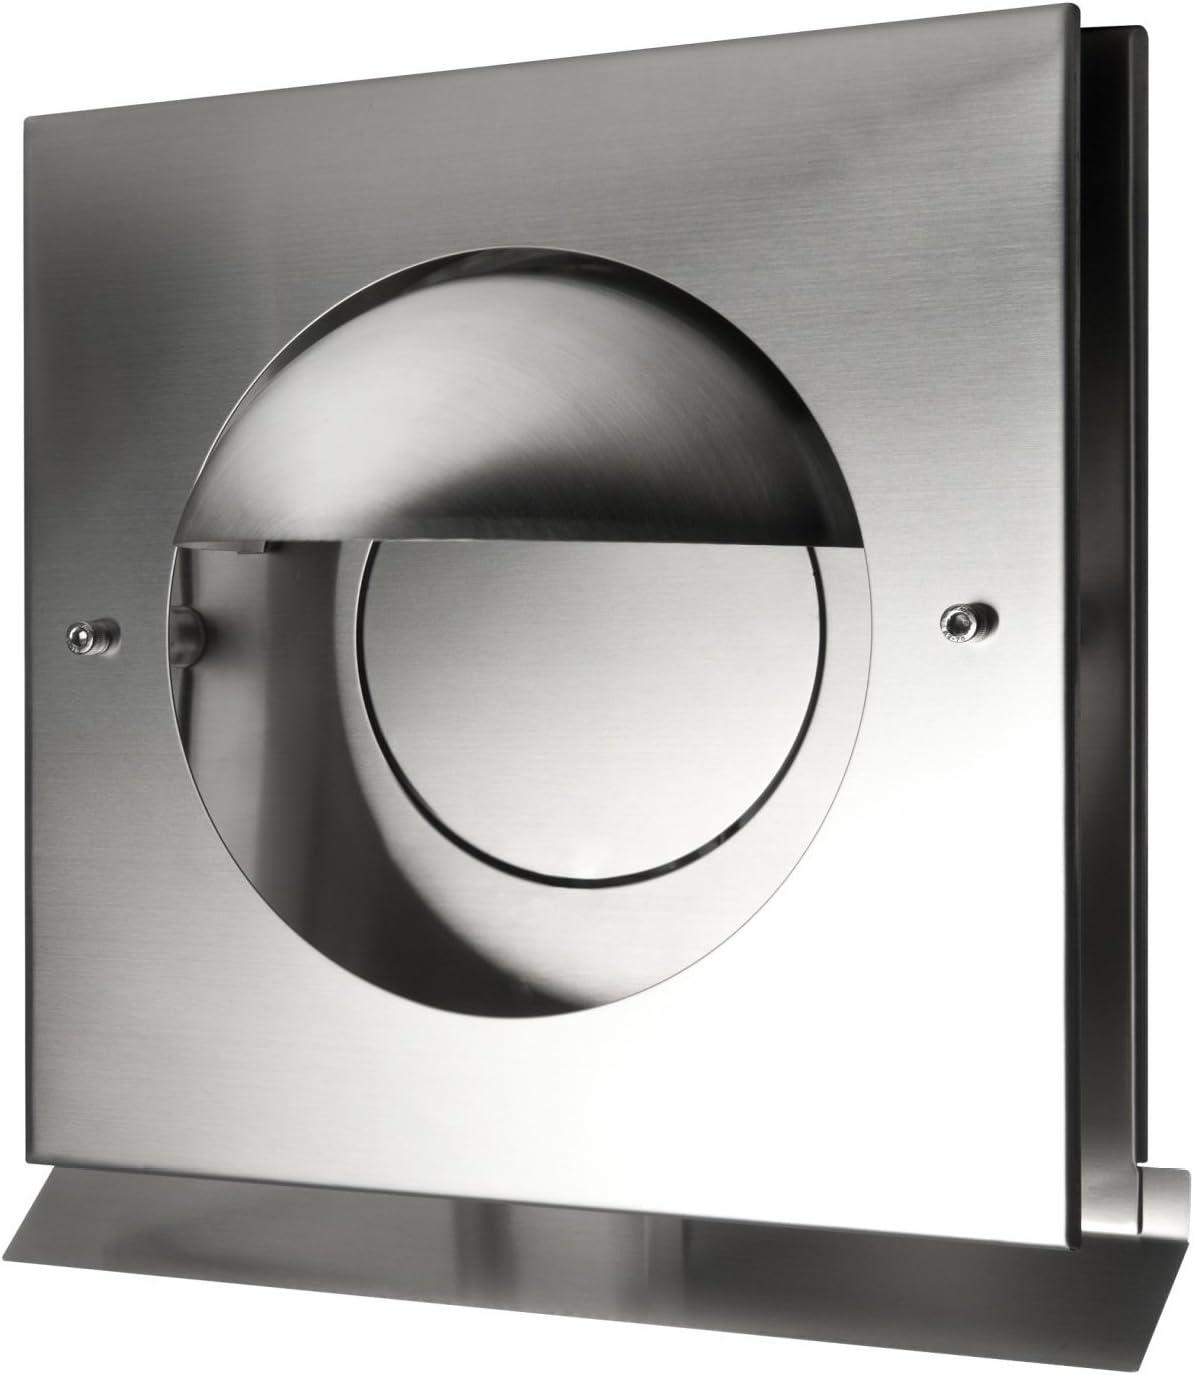 Paneir Kappa DN - Rejilla de ventilación (acero inoxidable, con válvula antirretorno, 125 mm): Amazon.es: Bricolaje y herramientas